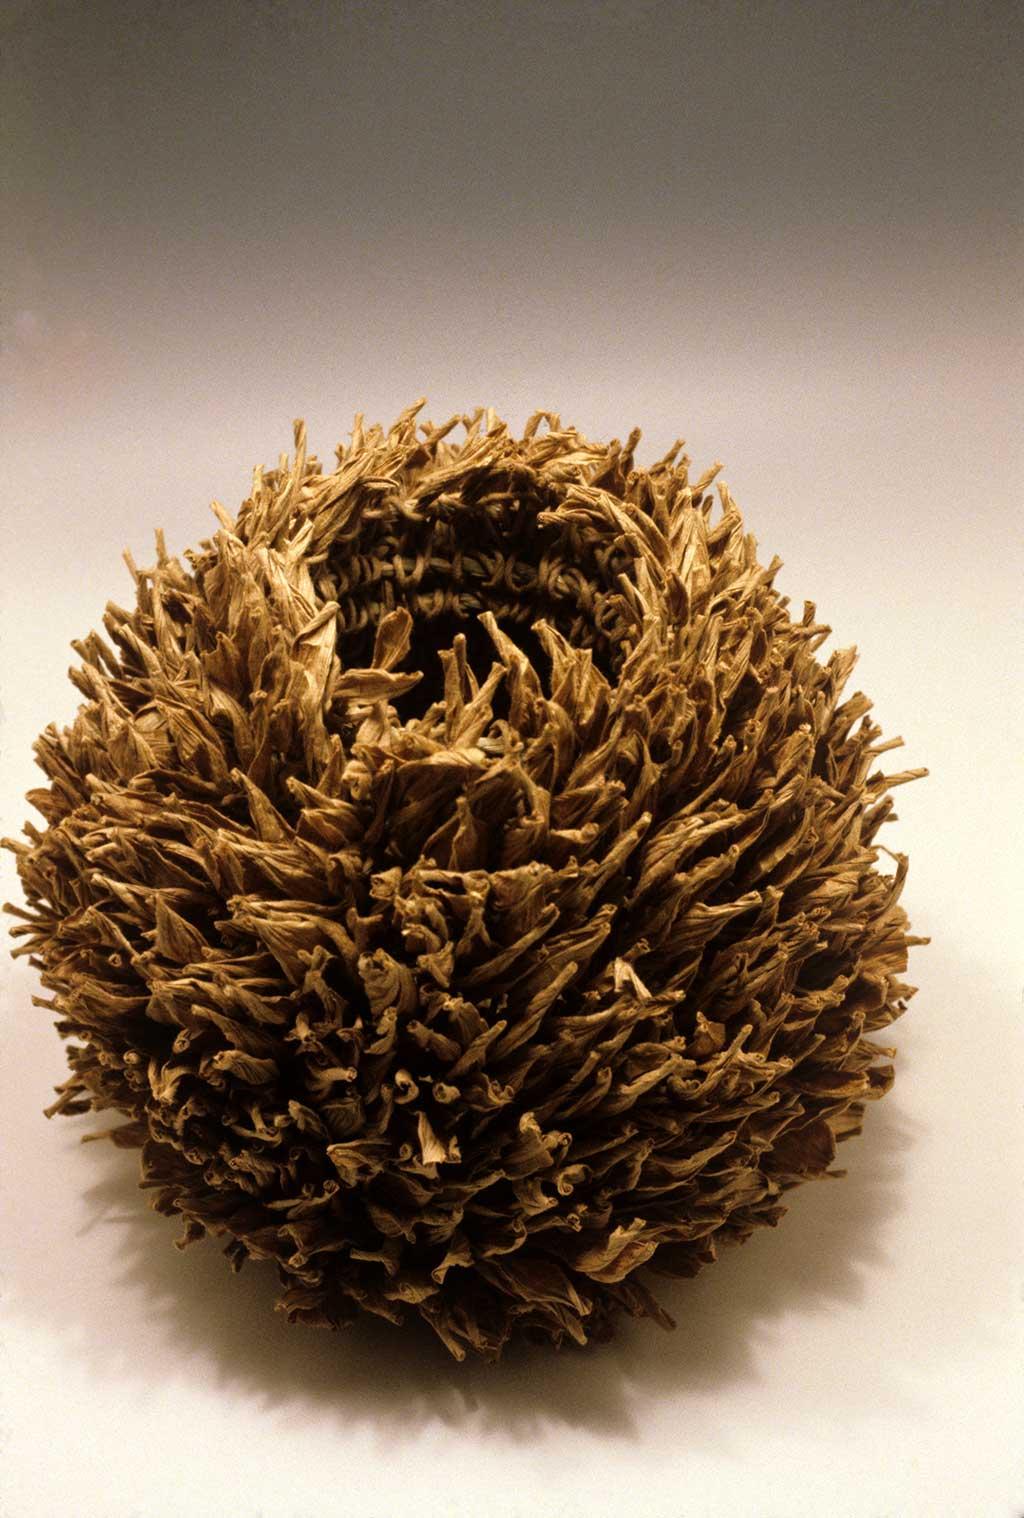 Mary Merkel-Hess, Seed Head Basket